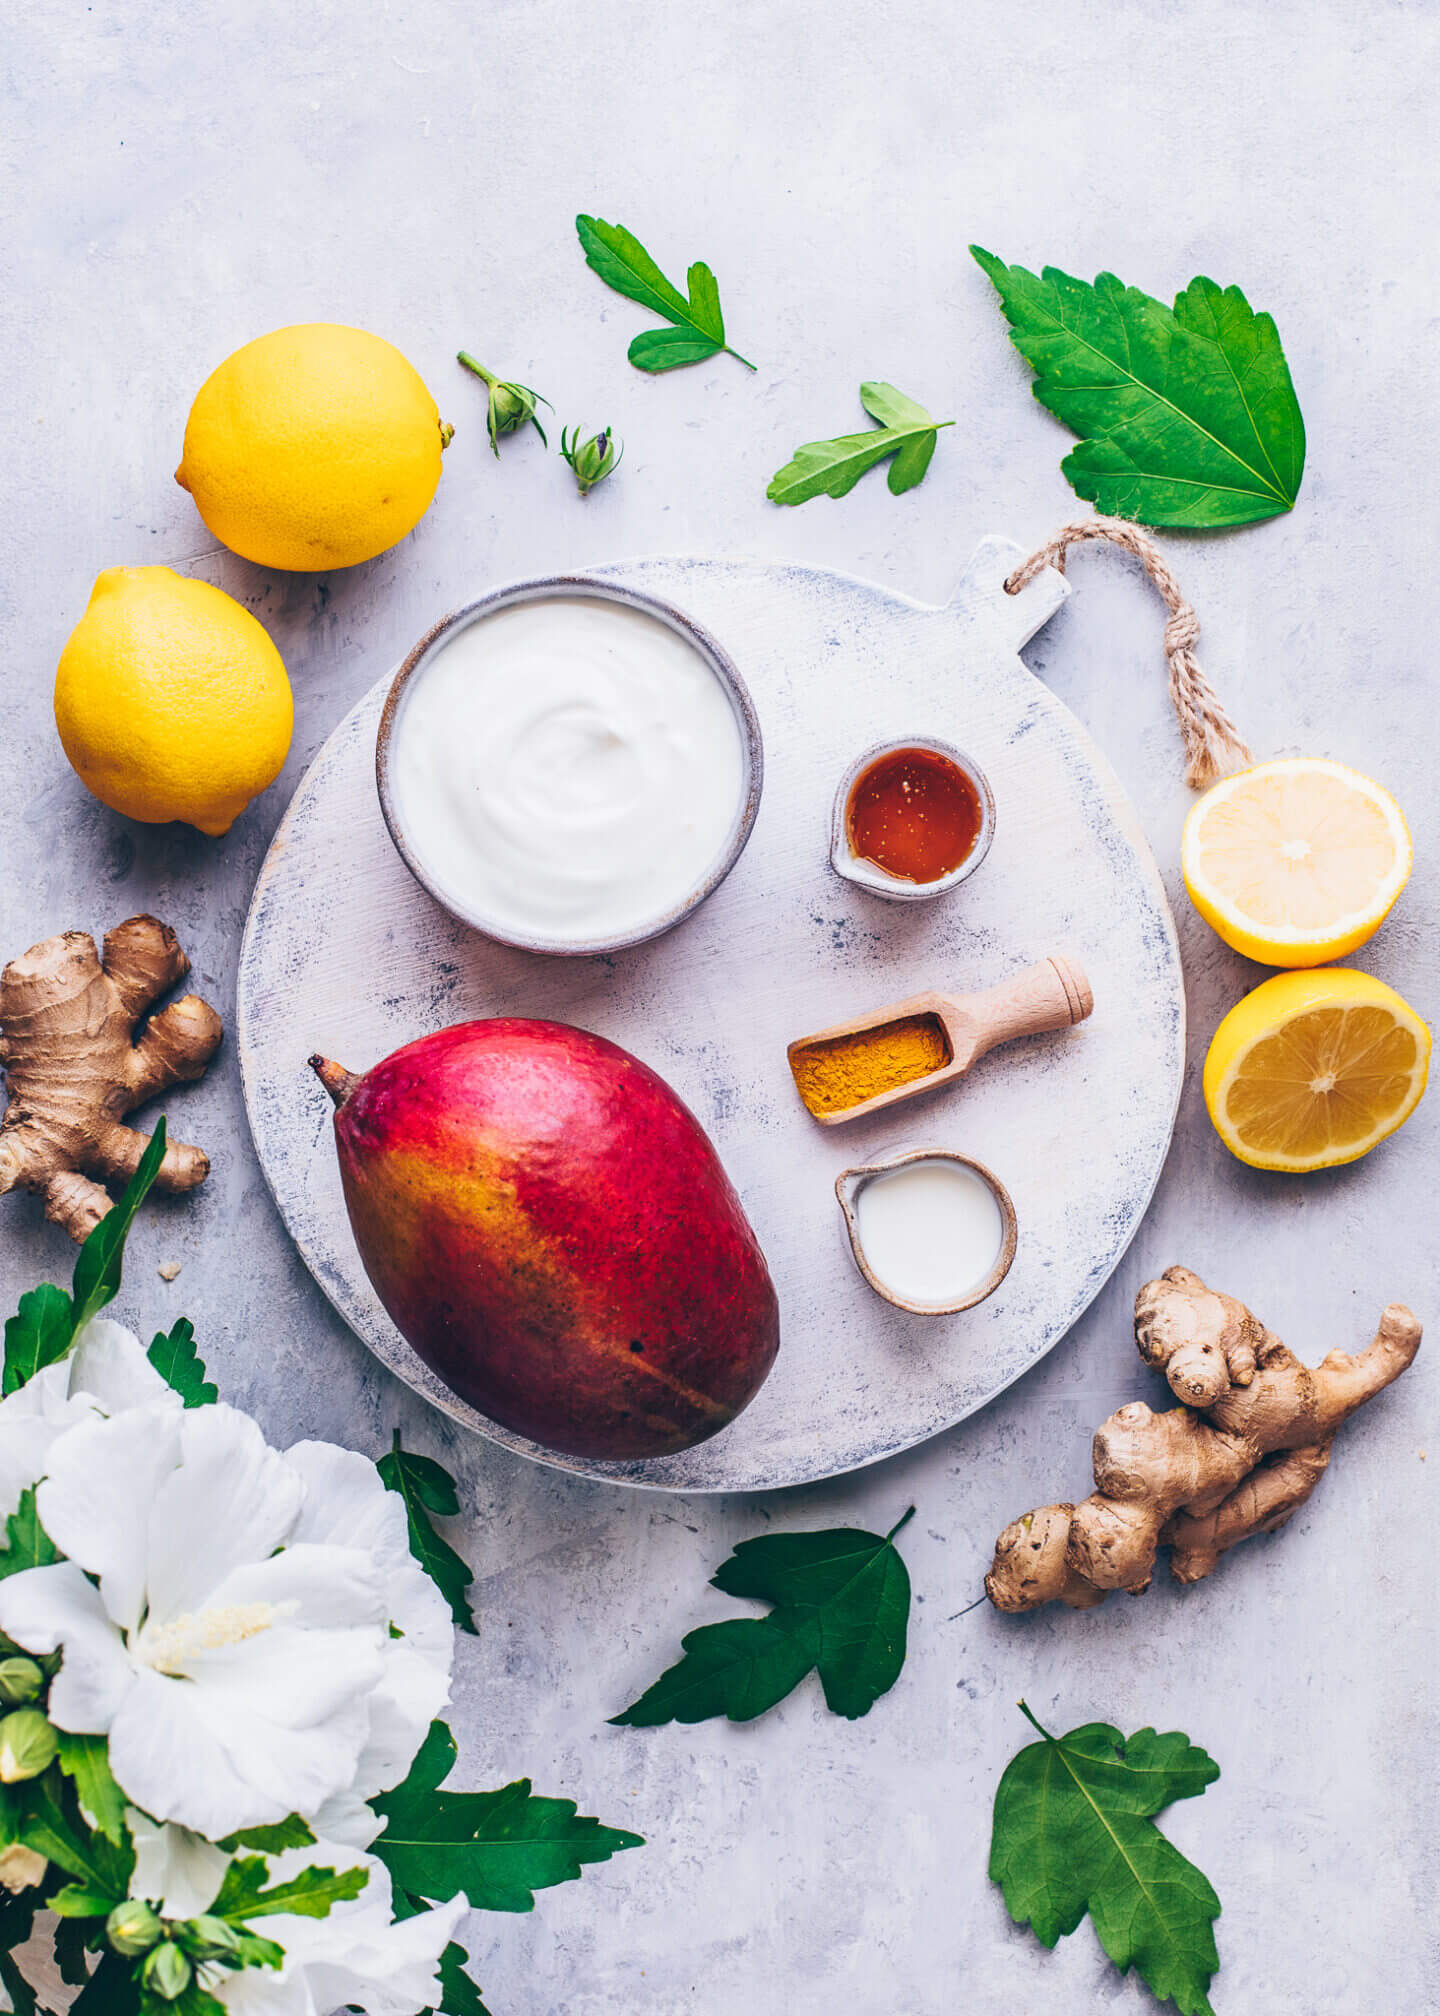 Zutaten für Mango Lassi: Mango, Joghurt, Sirup, Zitronen, Kurkuma, Ingwer